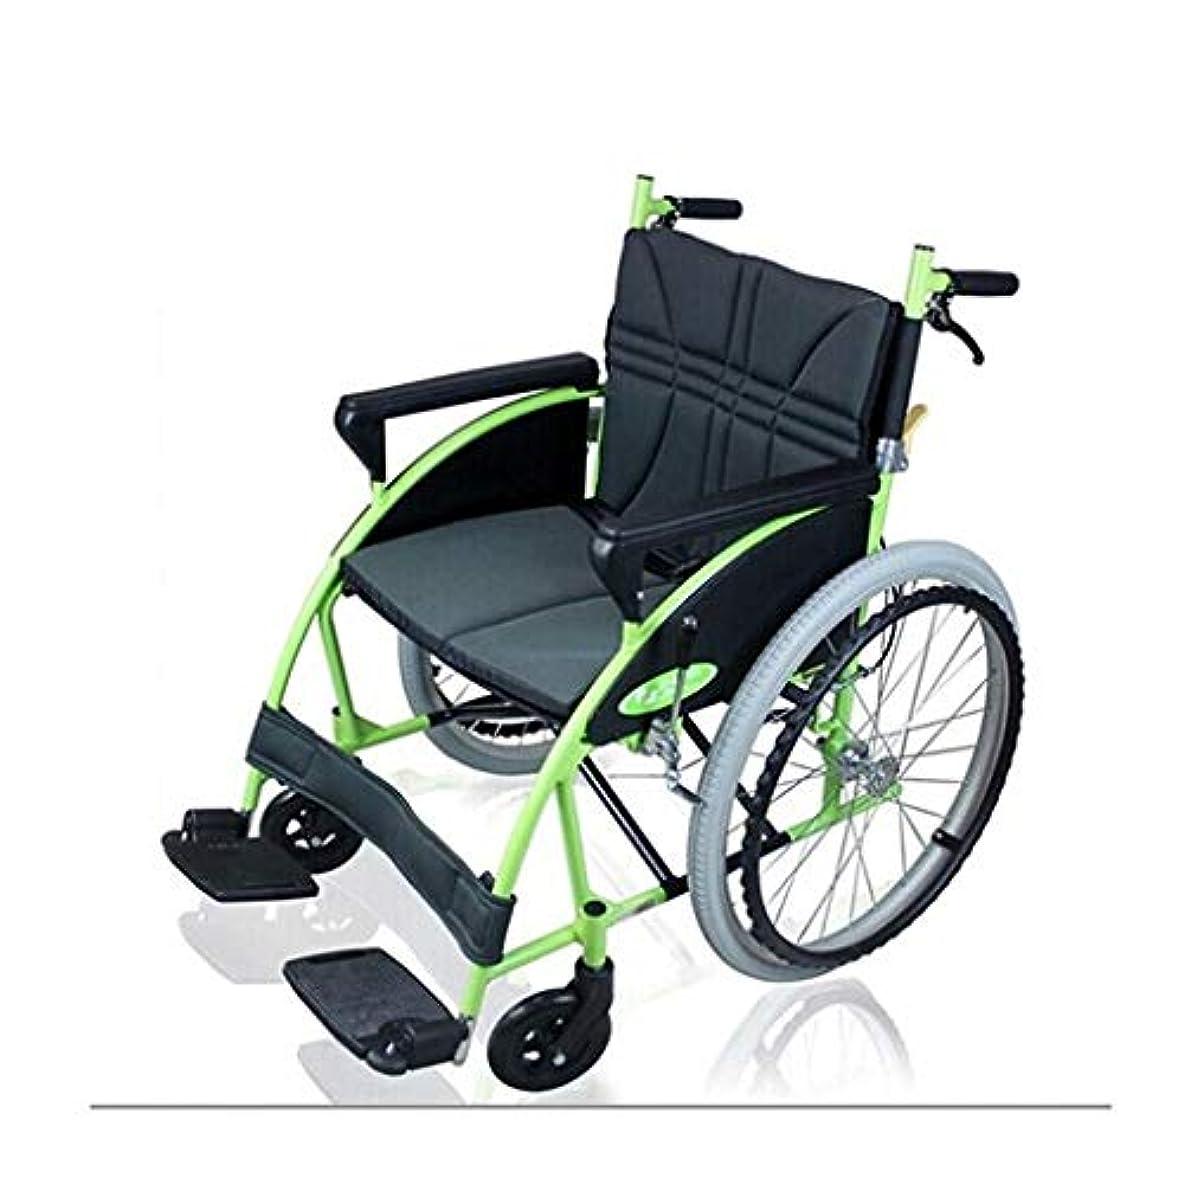 フロンティア芸術的オフセットアルミ合金車椅子折りたたみポータブル障害者高齢者車椅子4ブレーキデザインバックストレージバッグ